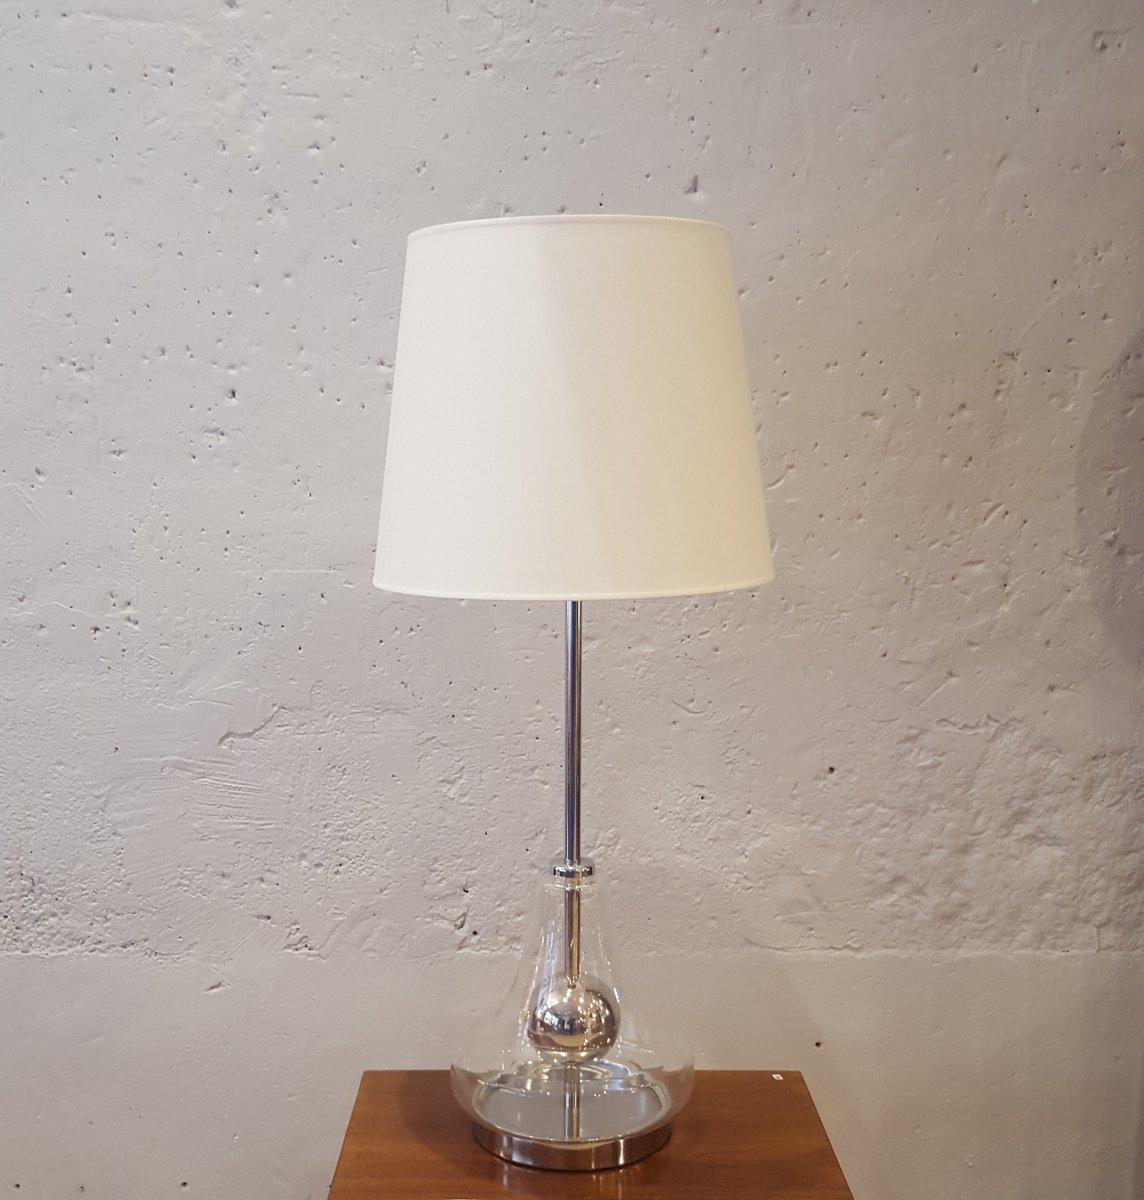 Große Lampe aus Glas & Verchromten Metall, 1970er